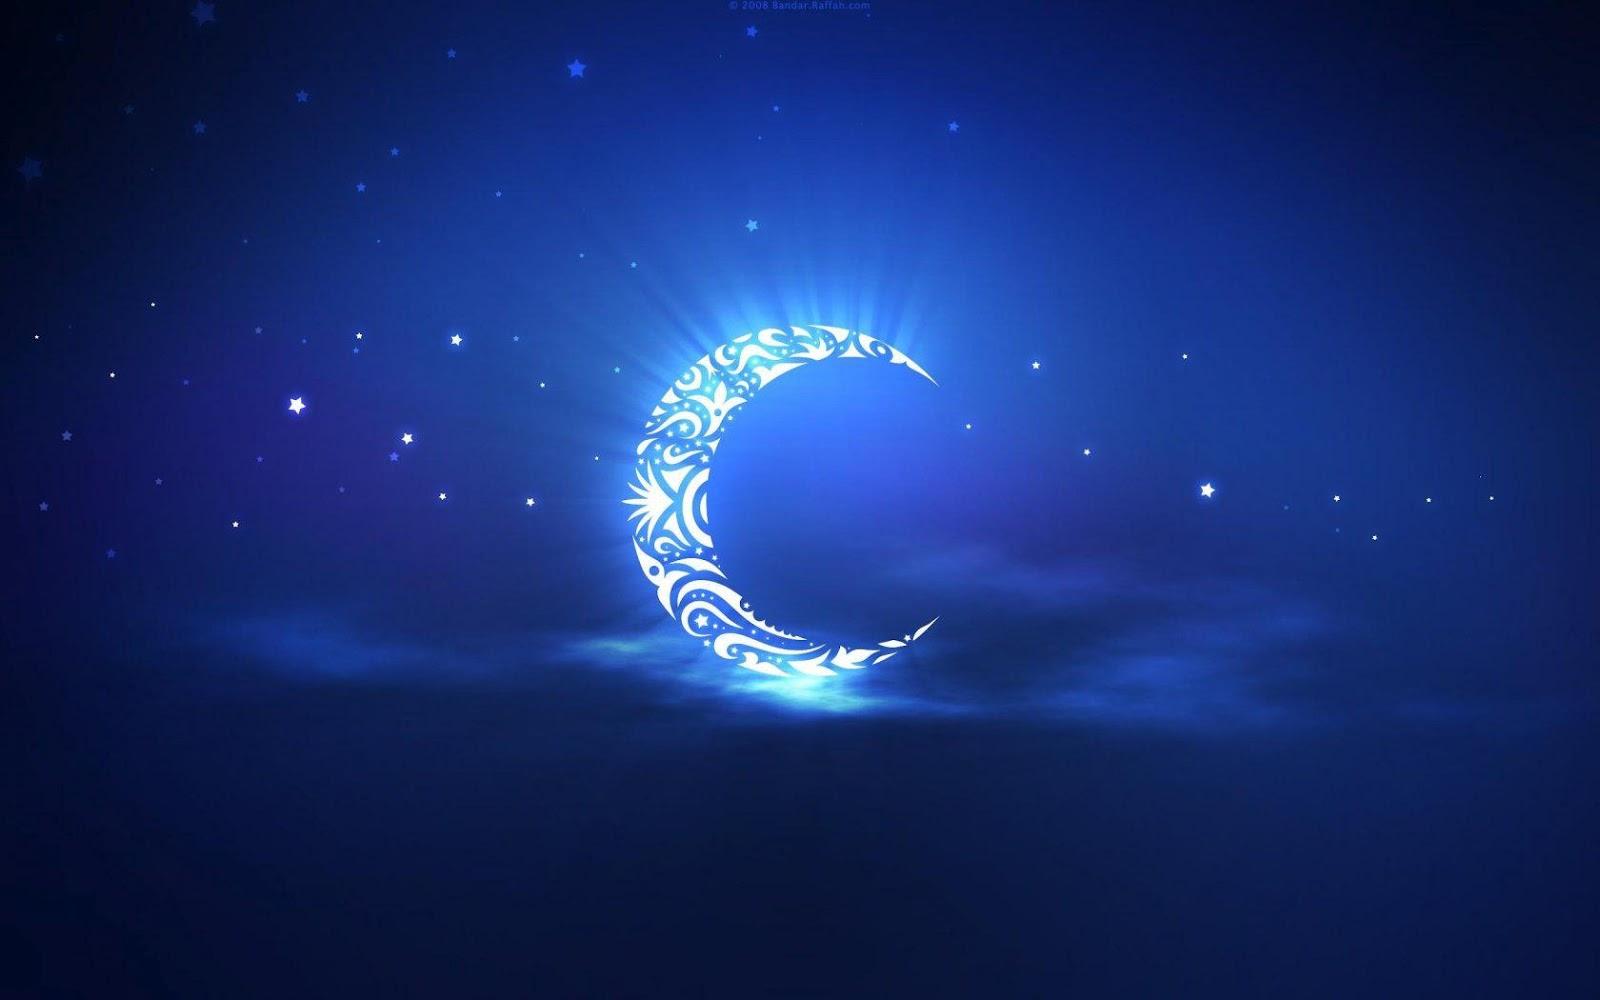 http://1.bp.blogspot.com/-7BtmJAm52xQ/UCD2E6zLUQI/AAAAAAAAEvI/R-O9-xiQ_04/s1600/moon-art-1680x1050.jpg